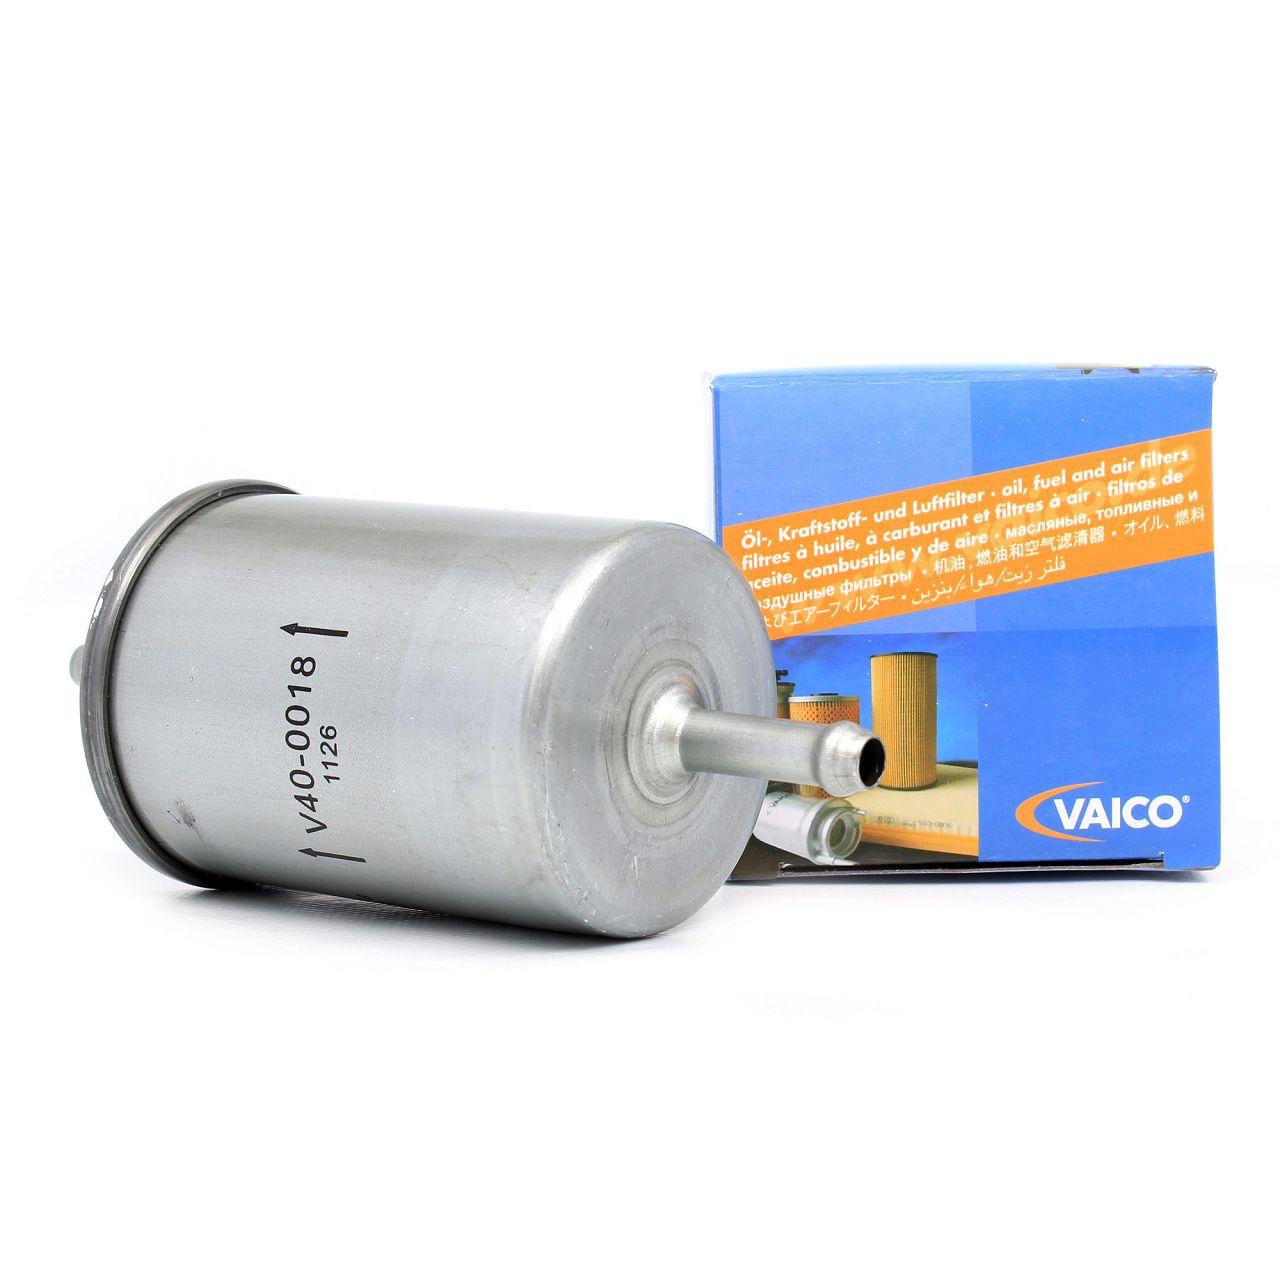 VAICO V40-0018 Kraftstofffilter Benzinfilter ALFA ROMEO CITROEN FIAT OPEL PEUGEOT